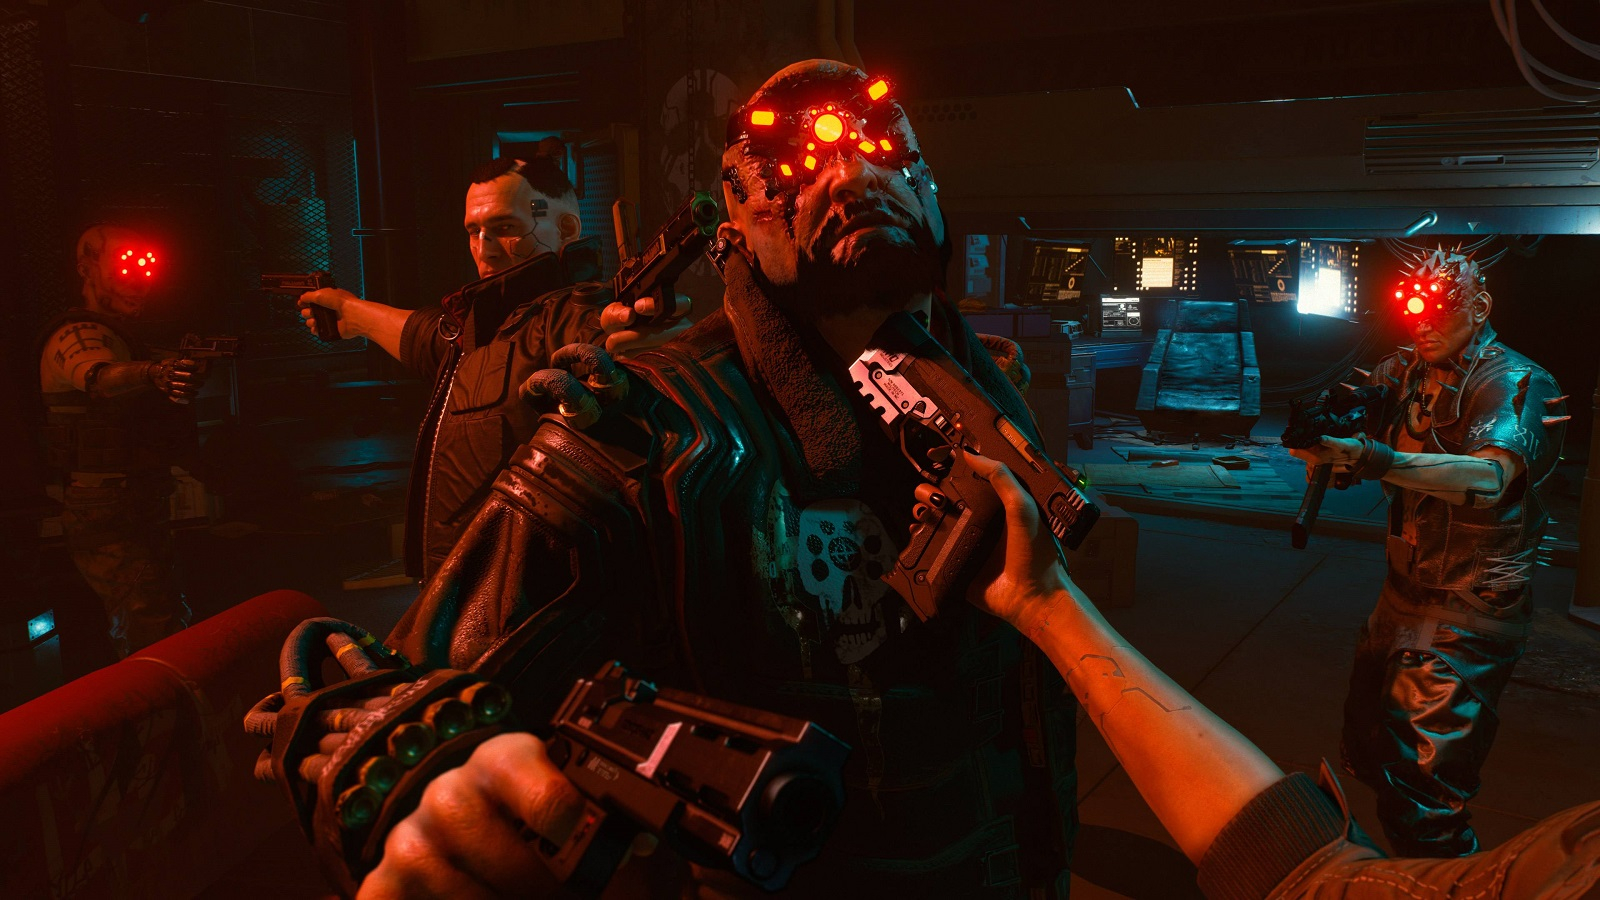 Системные требования Cyberpunk 2077 для 4K и RTX опубликуют ближе к релизу